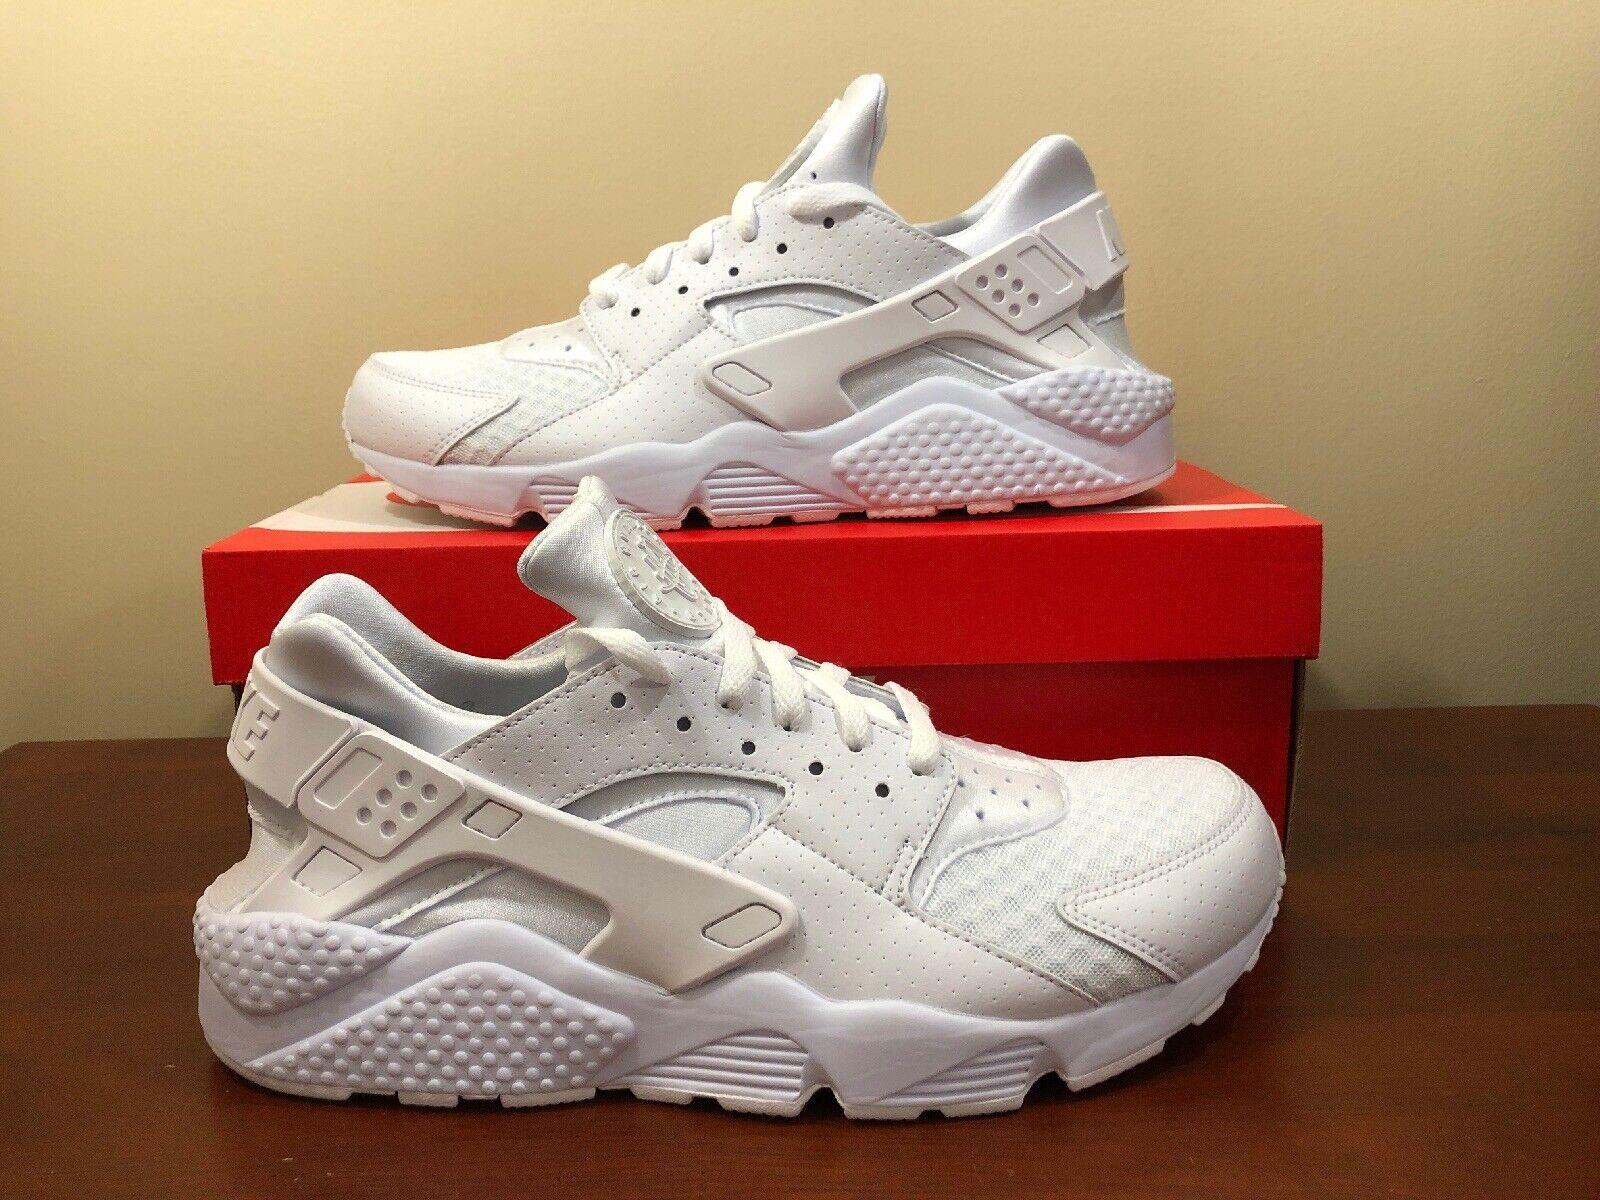 new styles 551fe 4a7d4 Nike Air Air Air Huarache Size 9 Triple White Pure Platinum 318429-111  074fdf